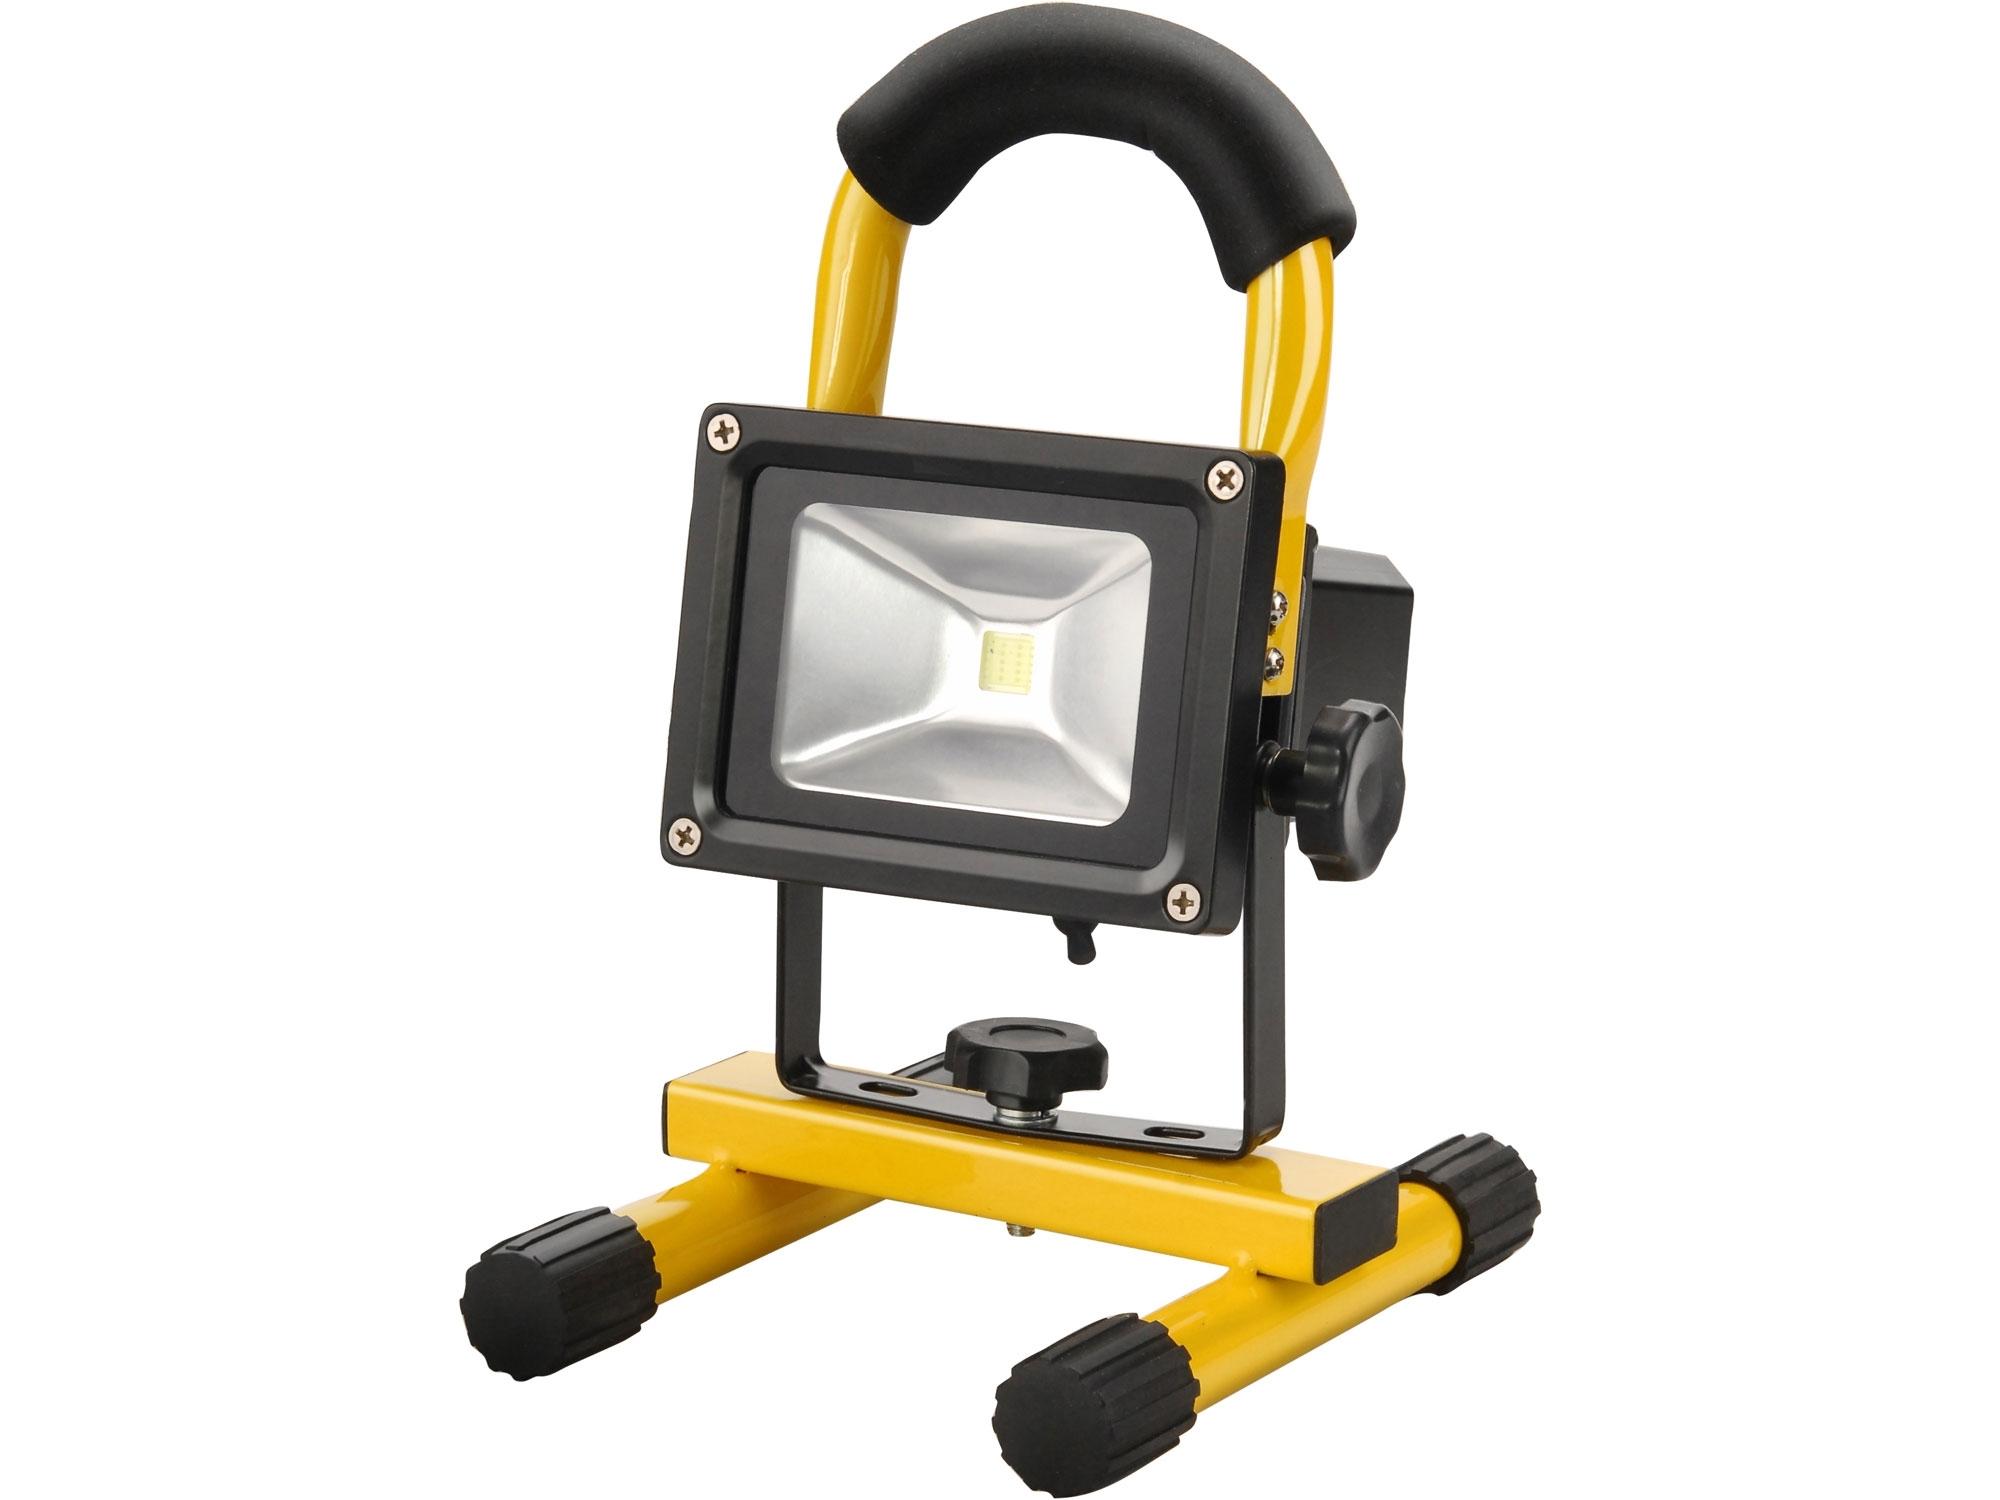 reflektor LED, nabíjecí, s podstavcem, 800lm, EXTOL LIGHT 43122